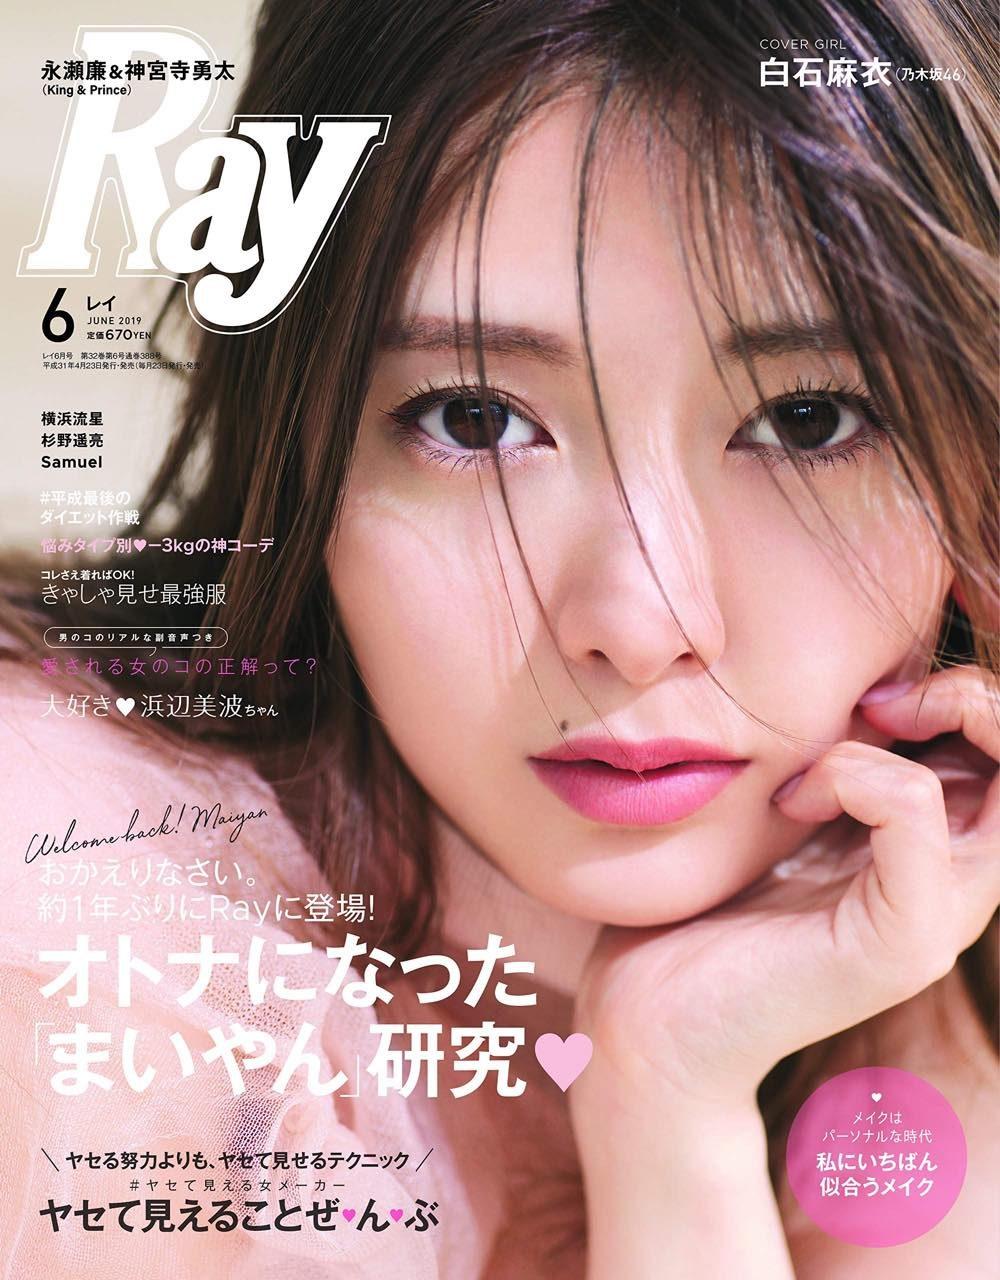 乃木坂46 白石麻衣、約1年ぶりにRayに登場!オトナになった『まいやん』研究♡ 「Ray 2019年6月号」 [4/23発売]